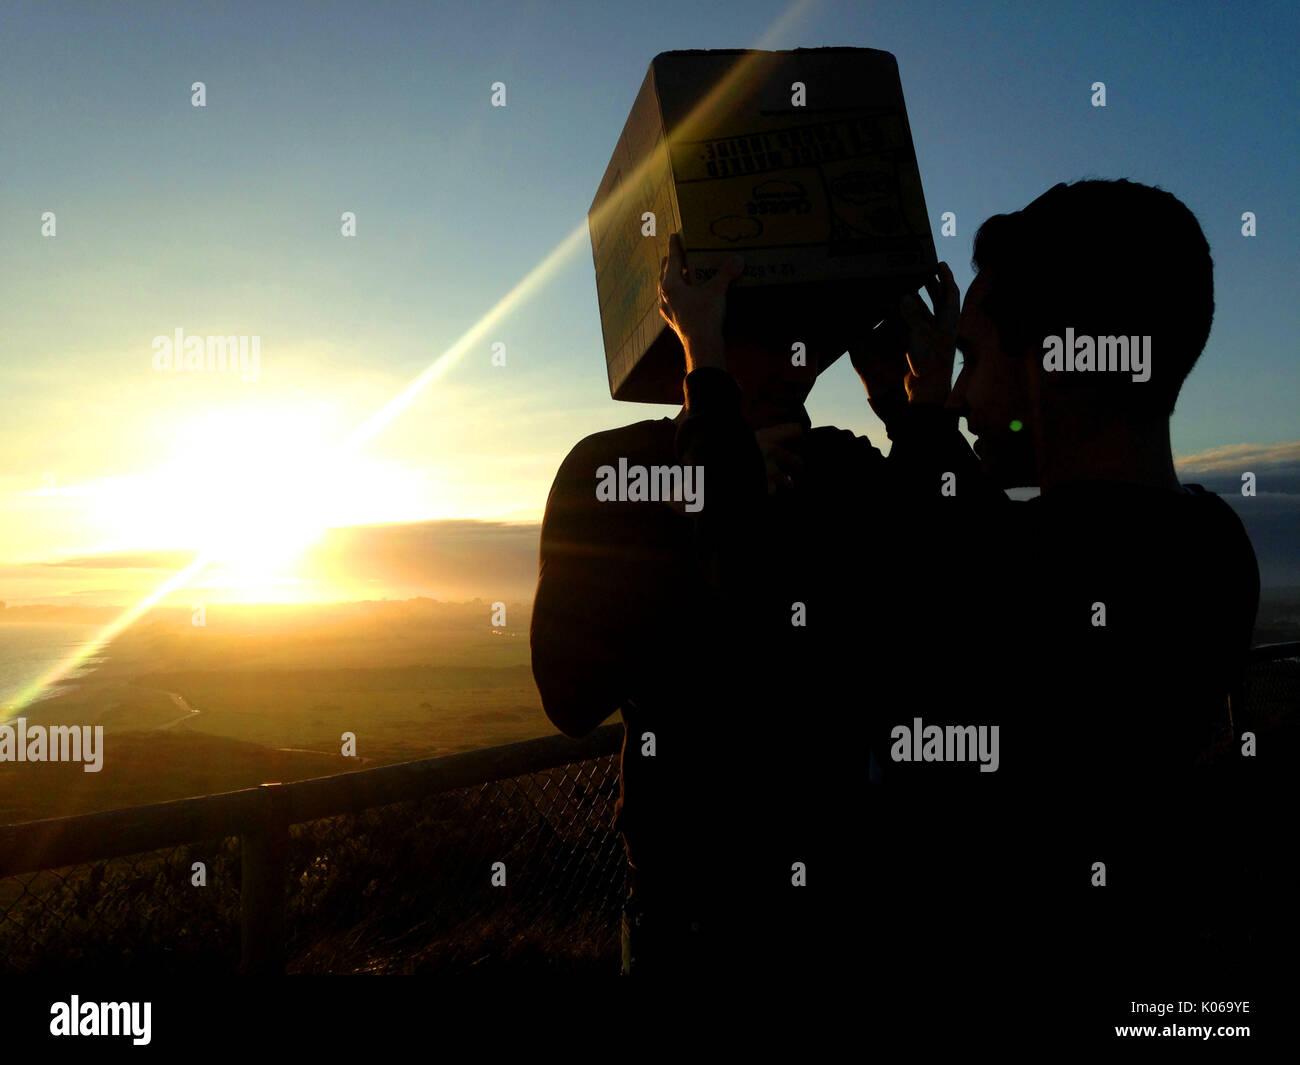 Christchurch, Dorset, Reino Unido, 21 de agosto de 2017. Ver el eclipse solar parcial en Hengistbury Head con una cámara estenopeica hecha desde una caja de cartón. Crédito: John Beasley/Alamy Live News Imagen De Stock